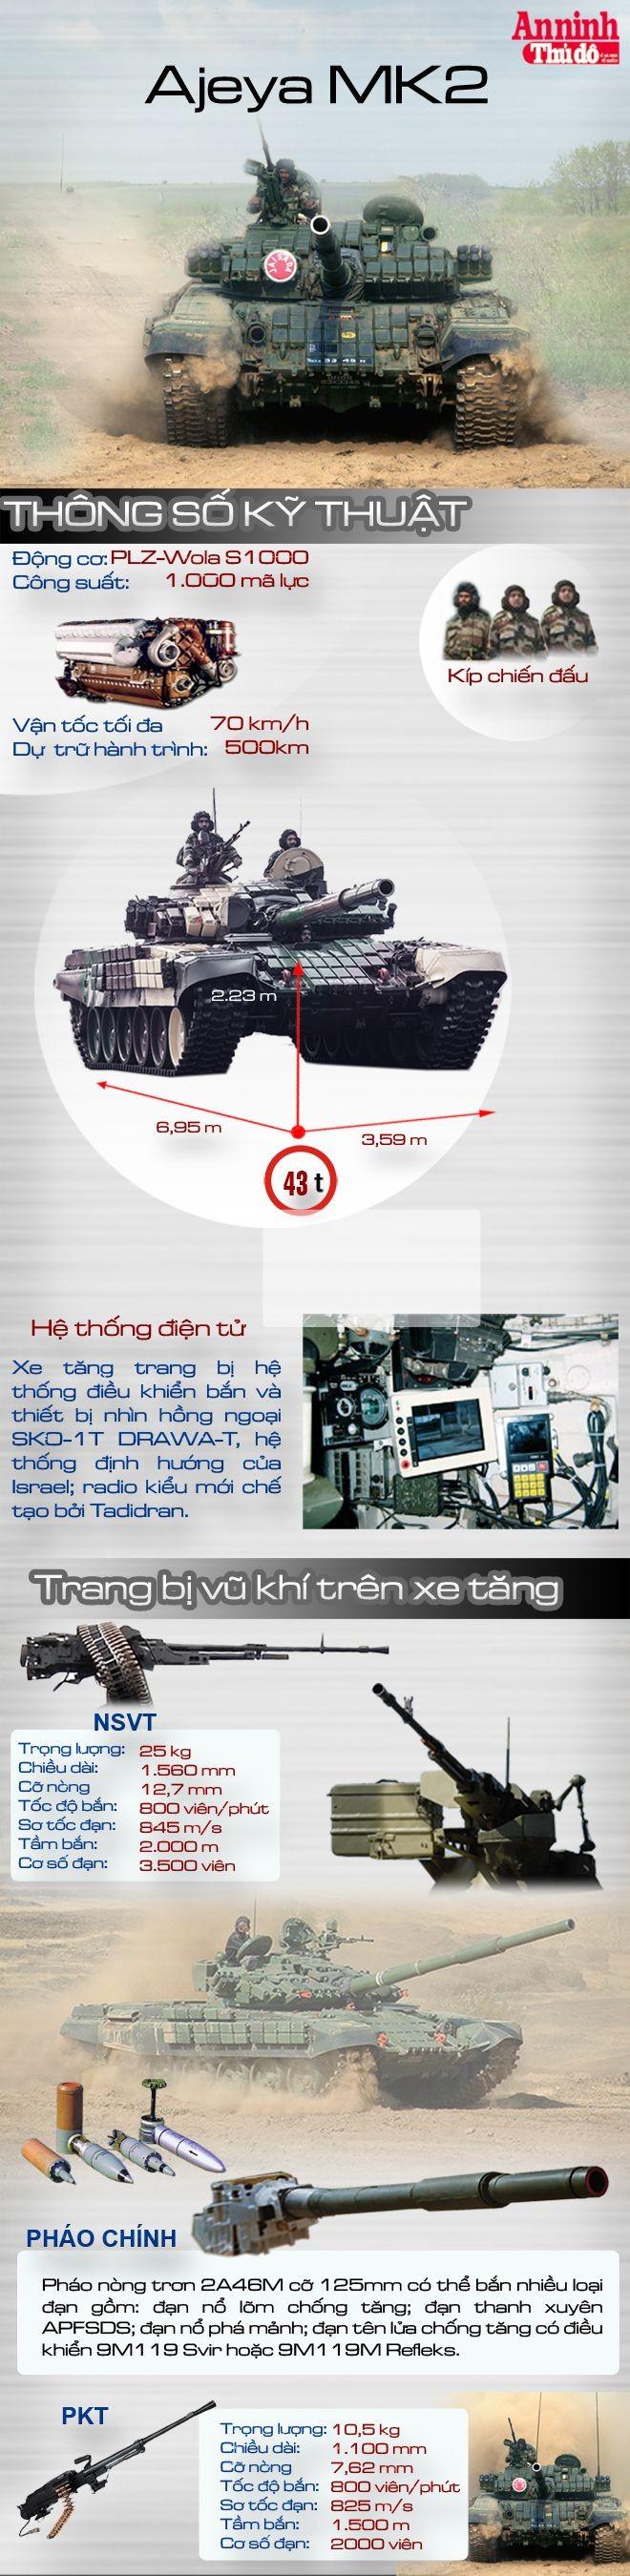 [Infographic] Ajeya MK2 - Uy lực của tăng Ấn Độ đang áp sát biên giới Trung Quốc